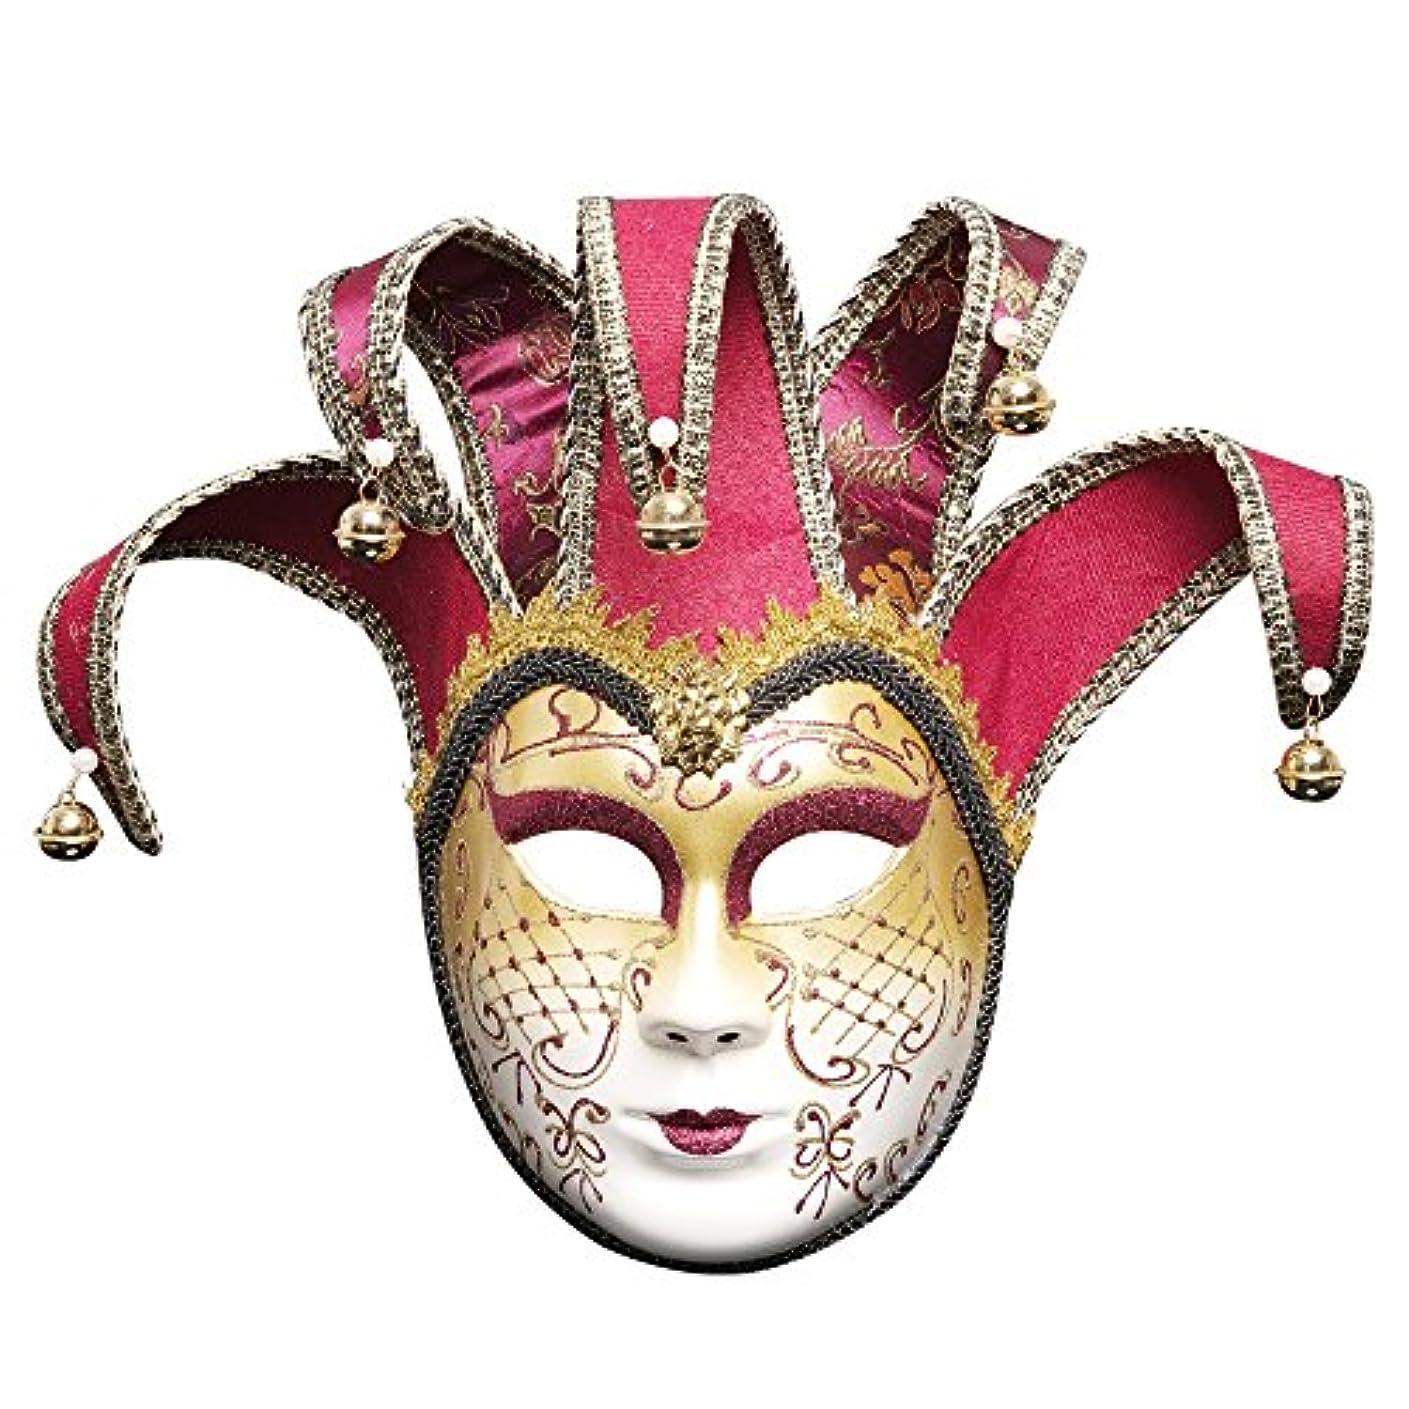 素晴らしさ通り安全ハロウィンボールパーティーマスククリスマスクリエイティブ新しいフルフェイスメイクアップマスク (Color : D)